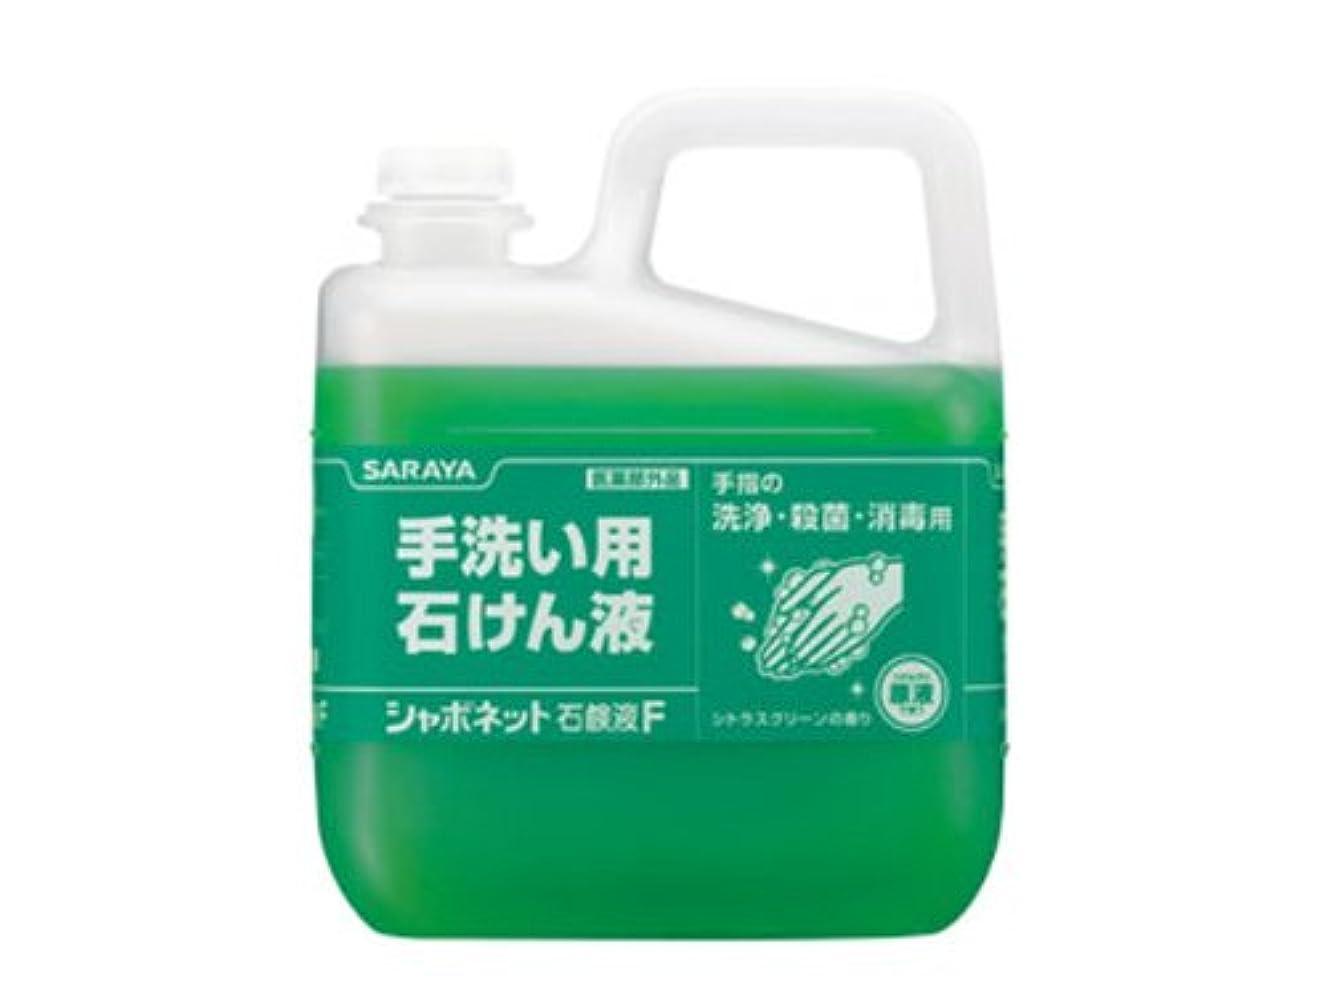 純正太い定義する業務用ハンドソープ【サラヤ シャボネット石鹸液F 5kg】1ケース3本入り|シトラスグリーンの香り